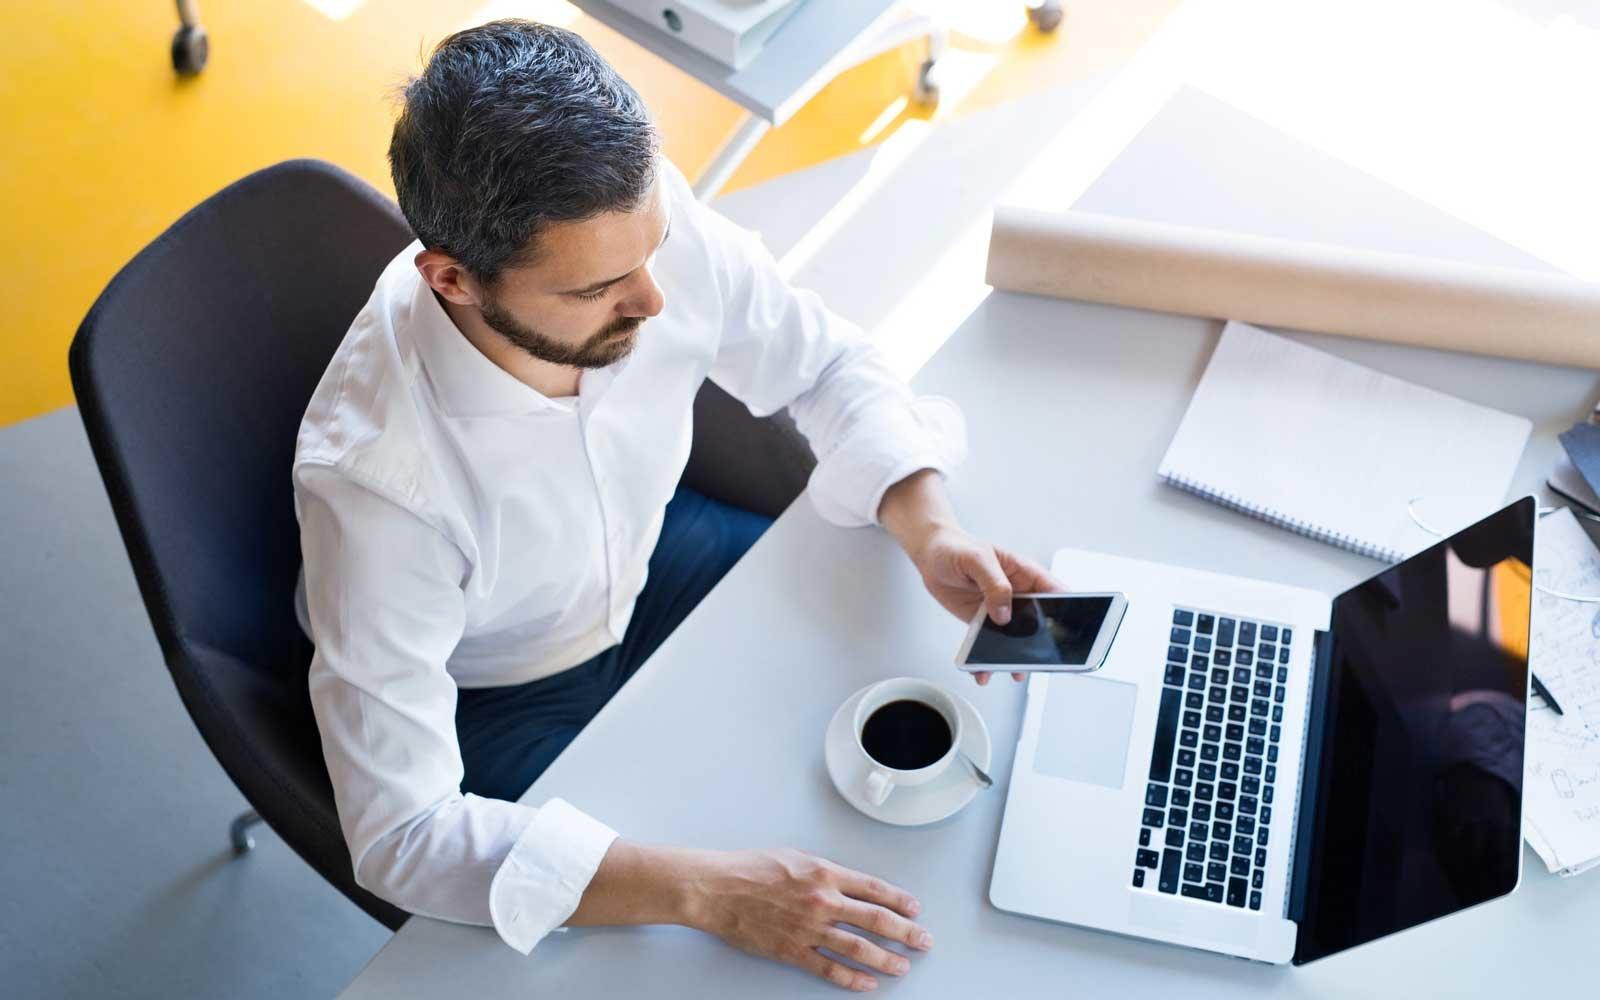 ReadnewsGroup.com - Làm thế nào để chọn lựa và thu hút người tìm việc trong thời gian của cao điểm tuyển dụng?